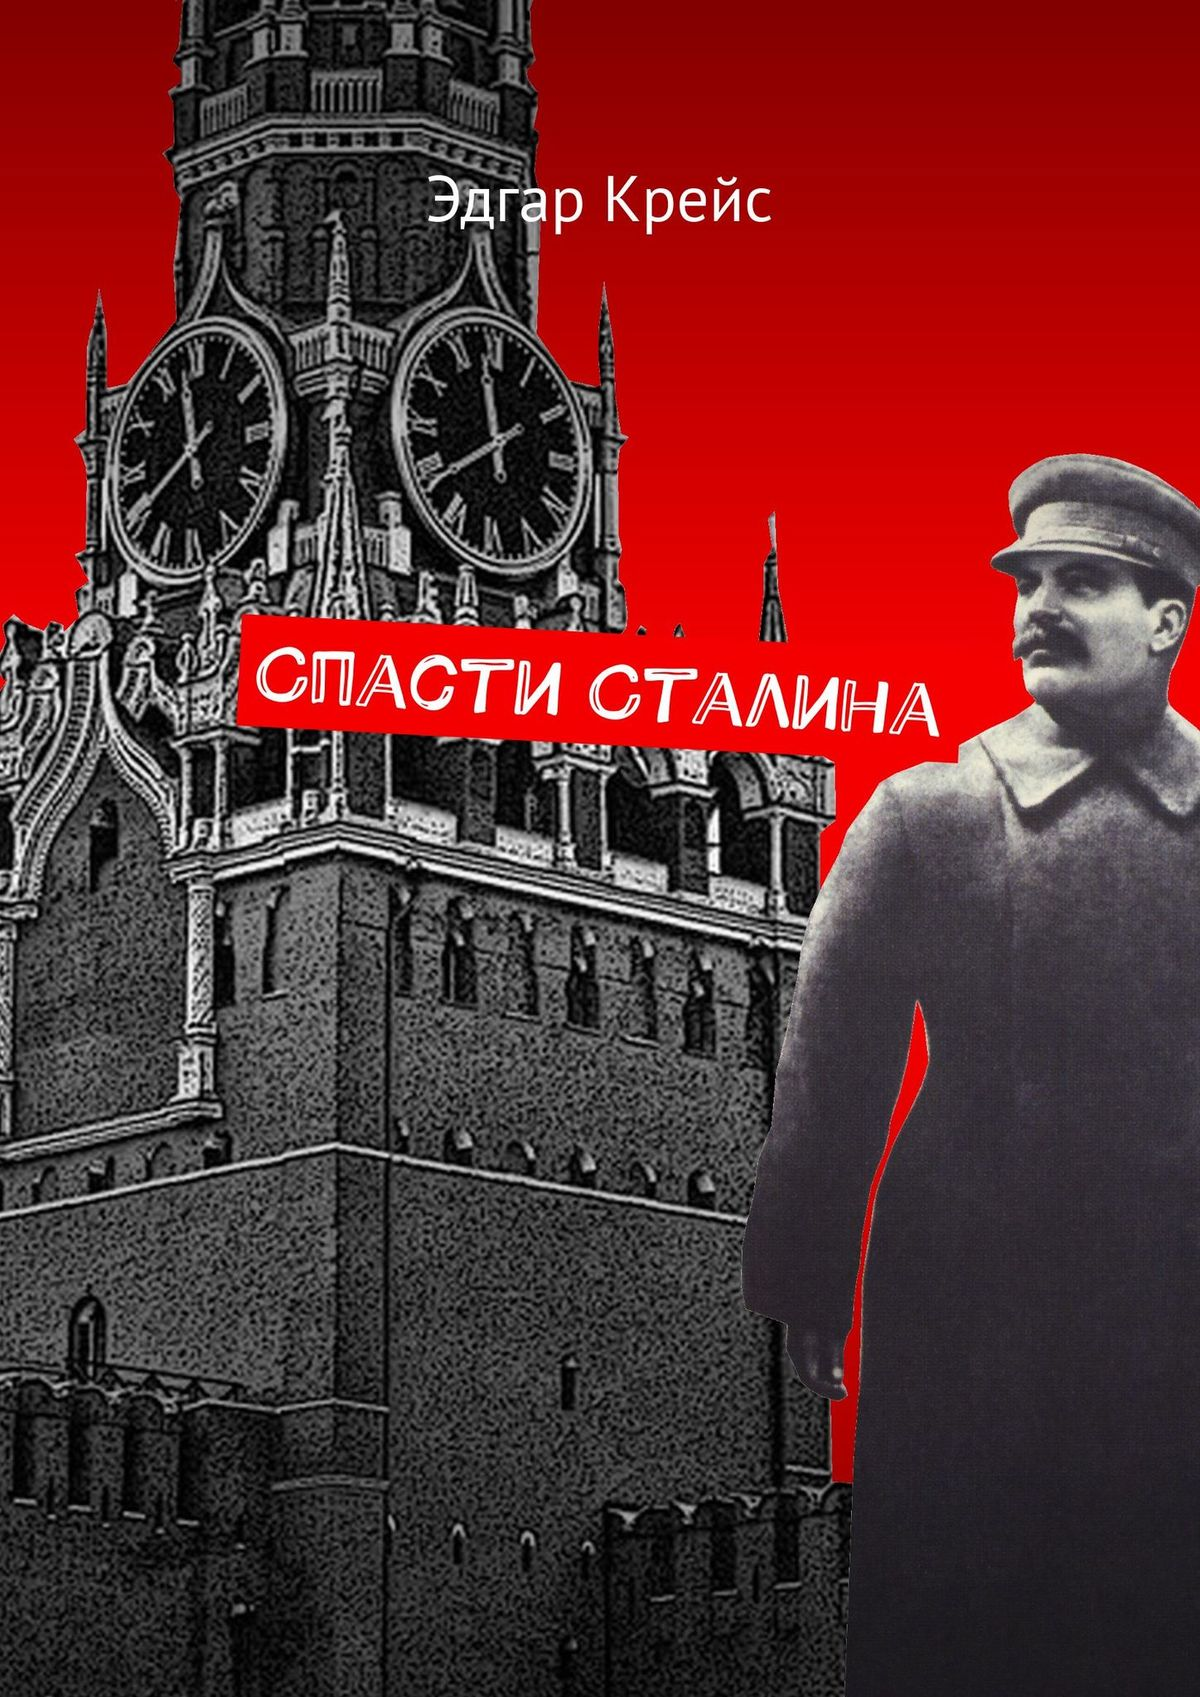 Спасти Сталина